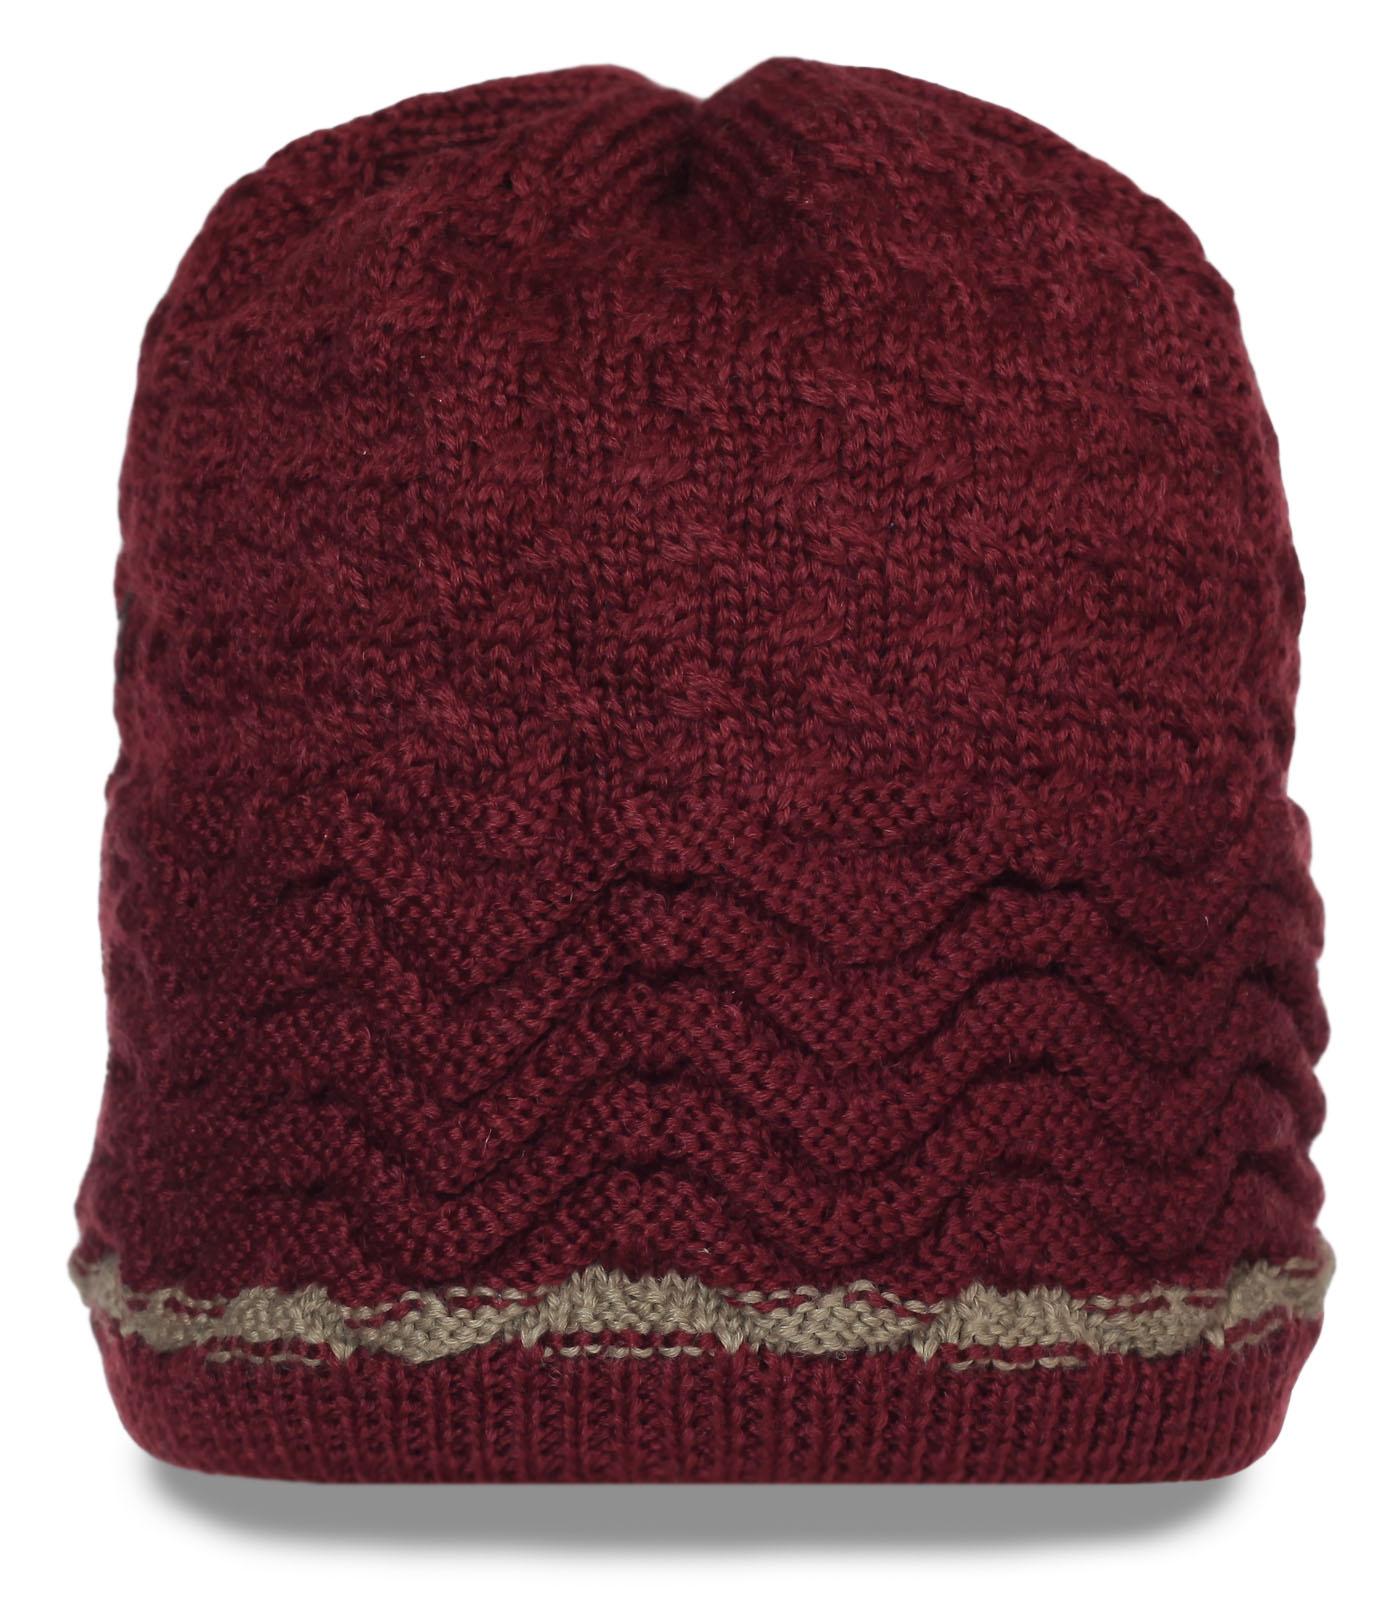 Роскошная оригинальная женская зимняя шапка фактурной вязки утепленная флисом